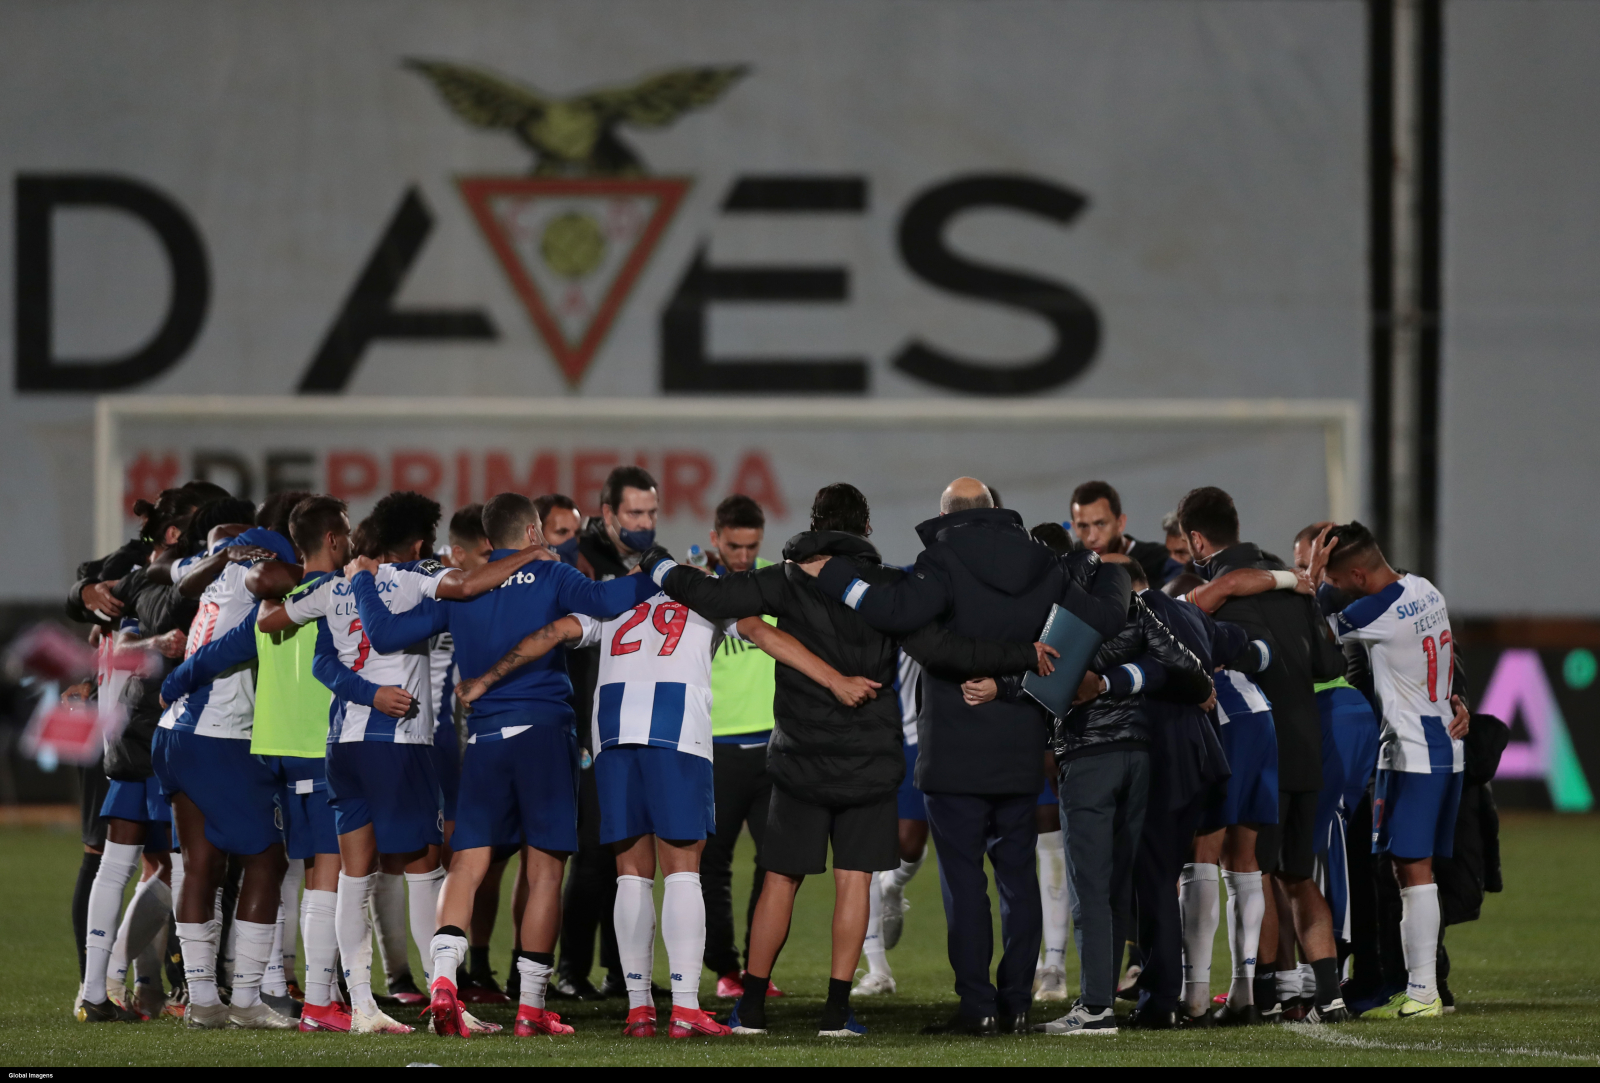 «Порту» - «Белененсеш»: прогноз на матч чемпионата Португалии